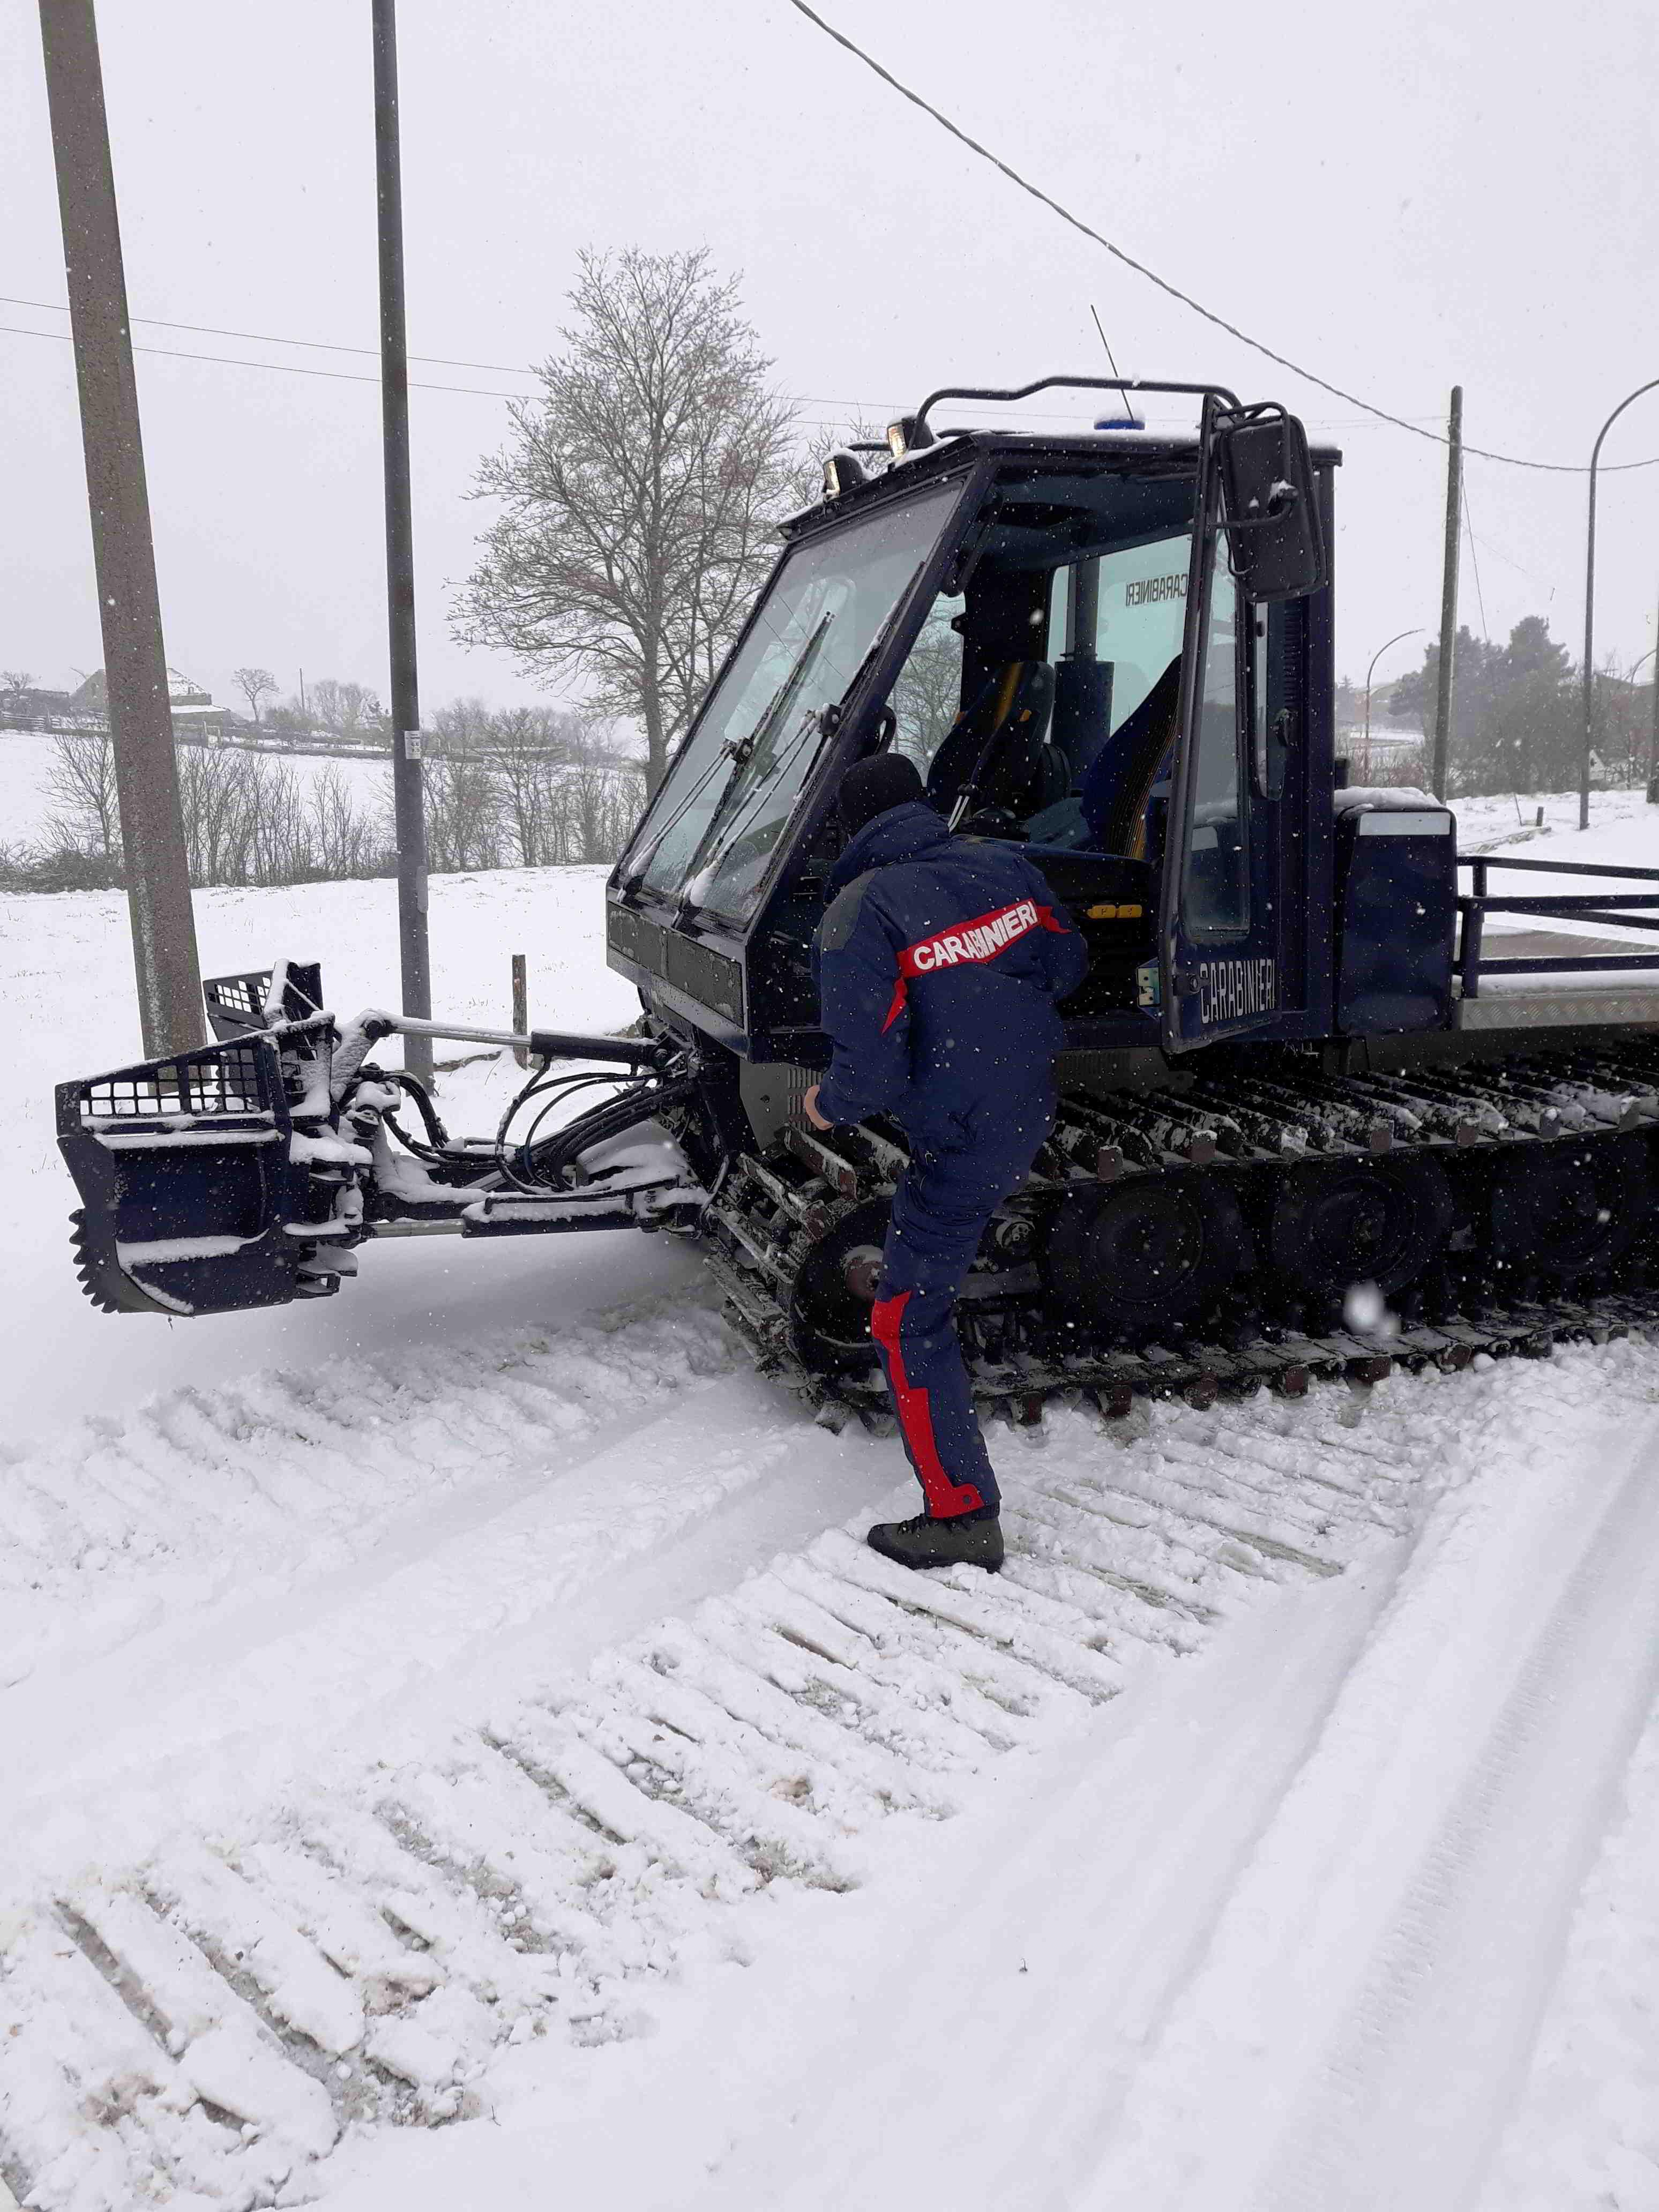 Piano neve, i Carabinieri pronti ad intervenire con mezzi speciali